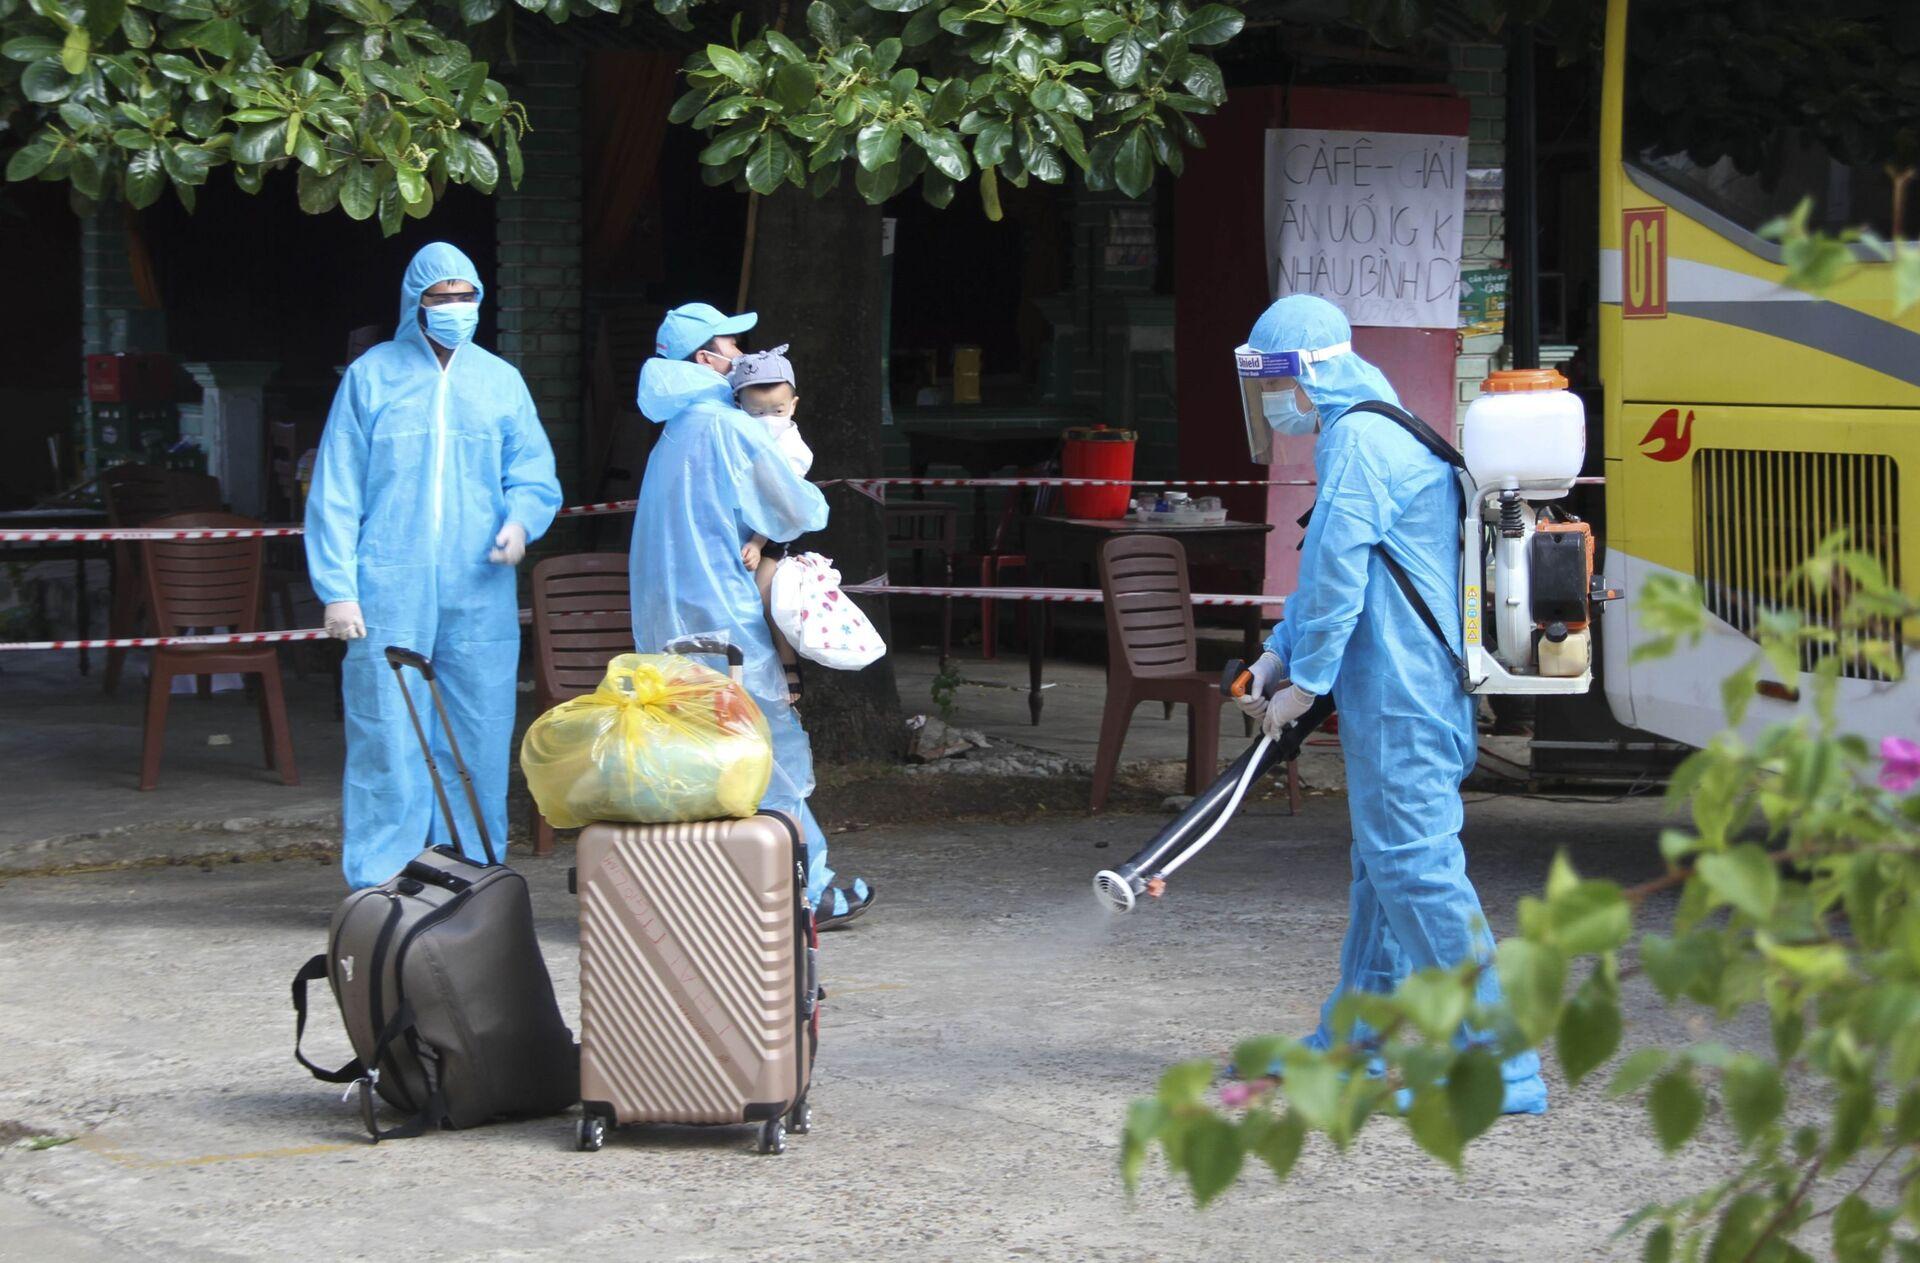 Phun khử khuẩn ở khu vực có người dân Quảng Trị lưu trú ở TP.Hồ Chí Minh trở về và xuống tàu tại ga Đông Hà (Quảng Trị) - Sputnik Việt Nam, 1920, 05.10.2021